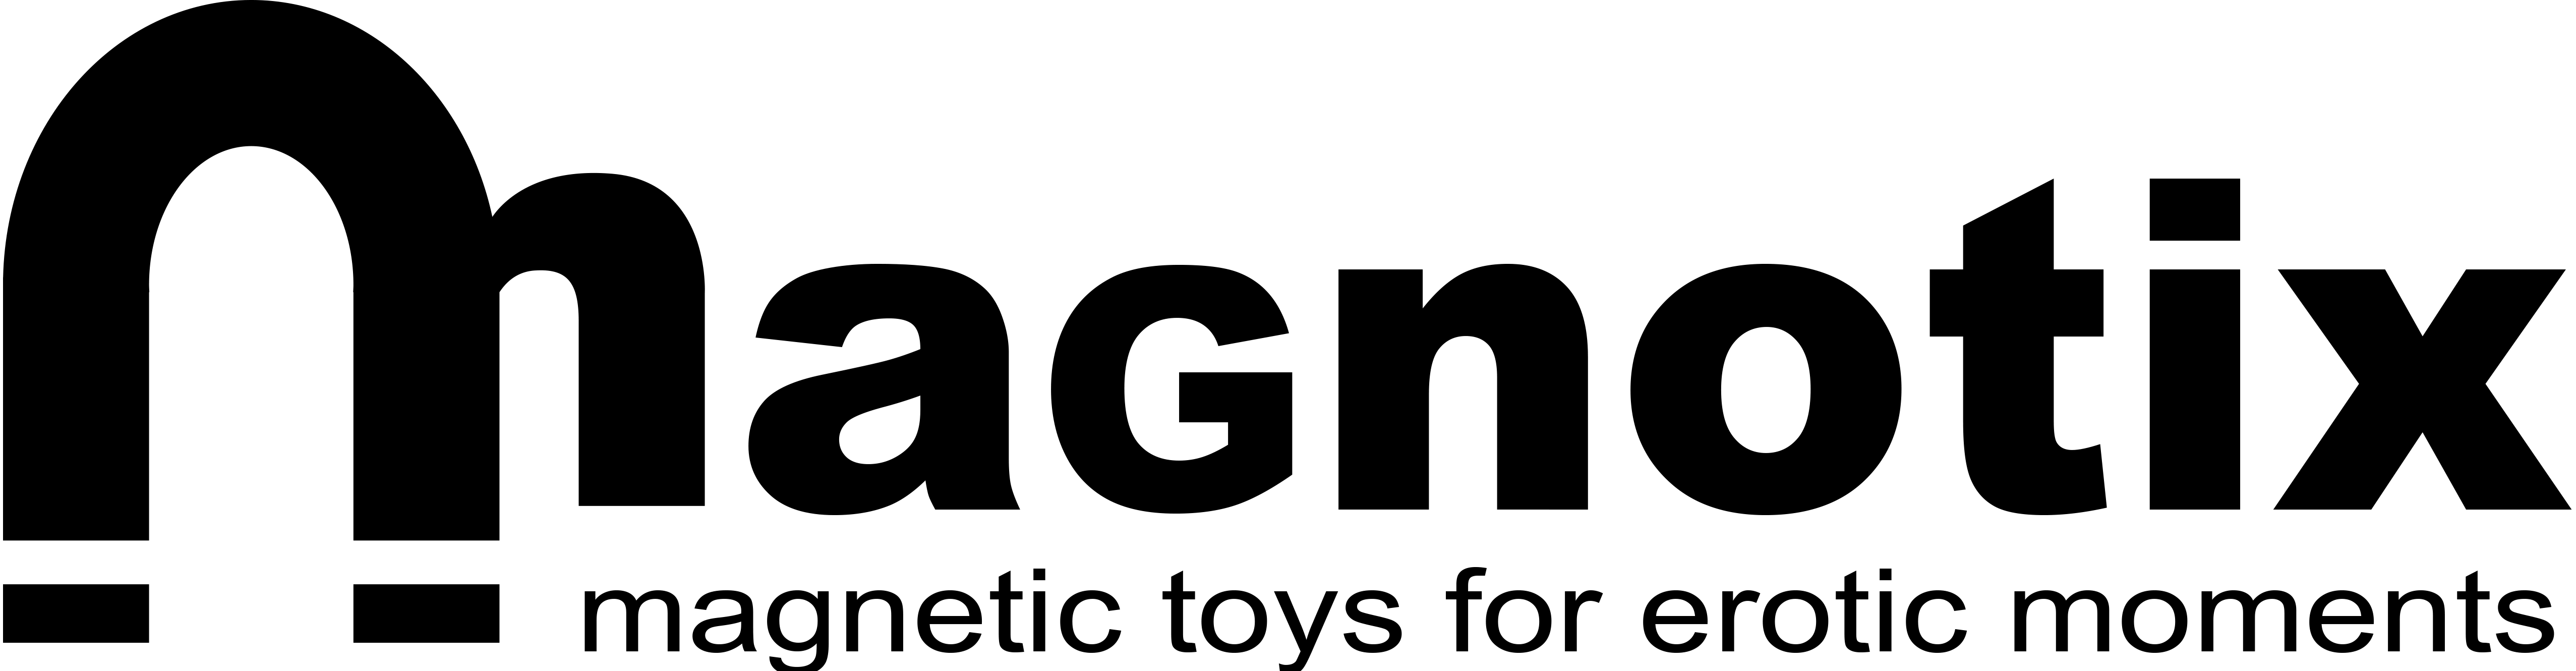 www.magnotix.com-Logo